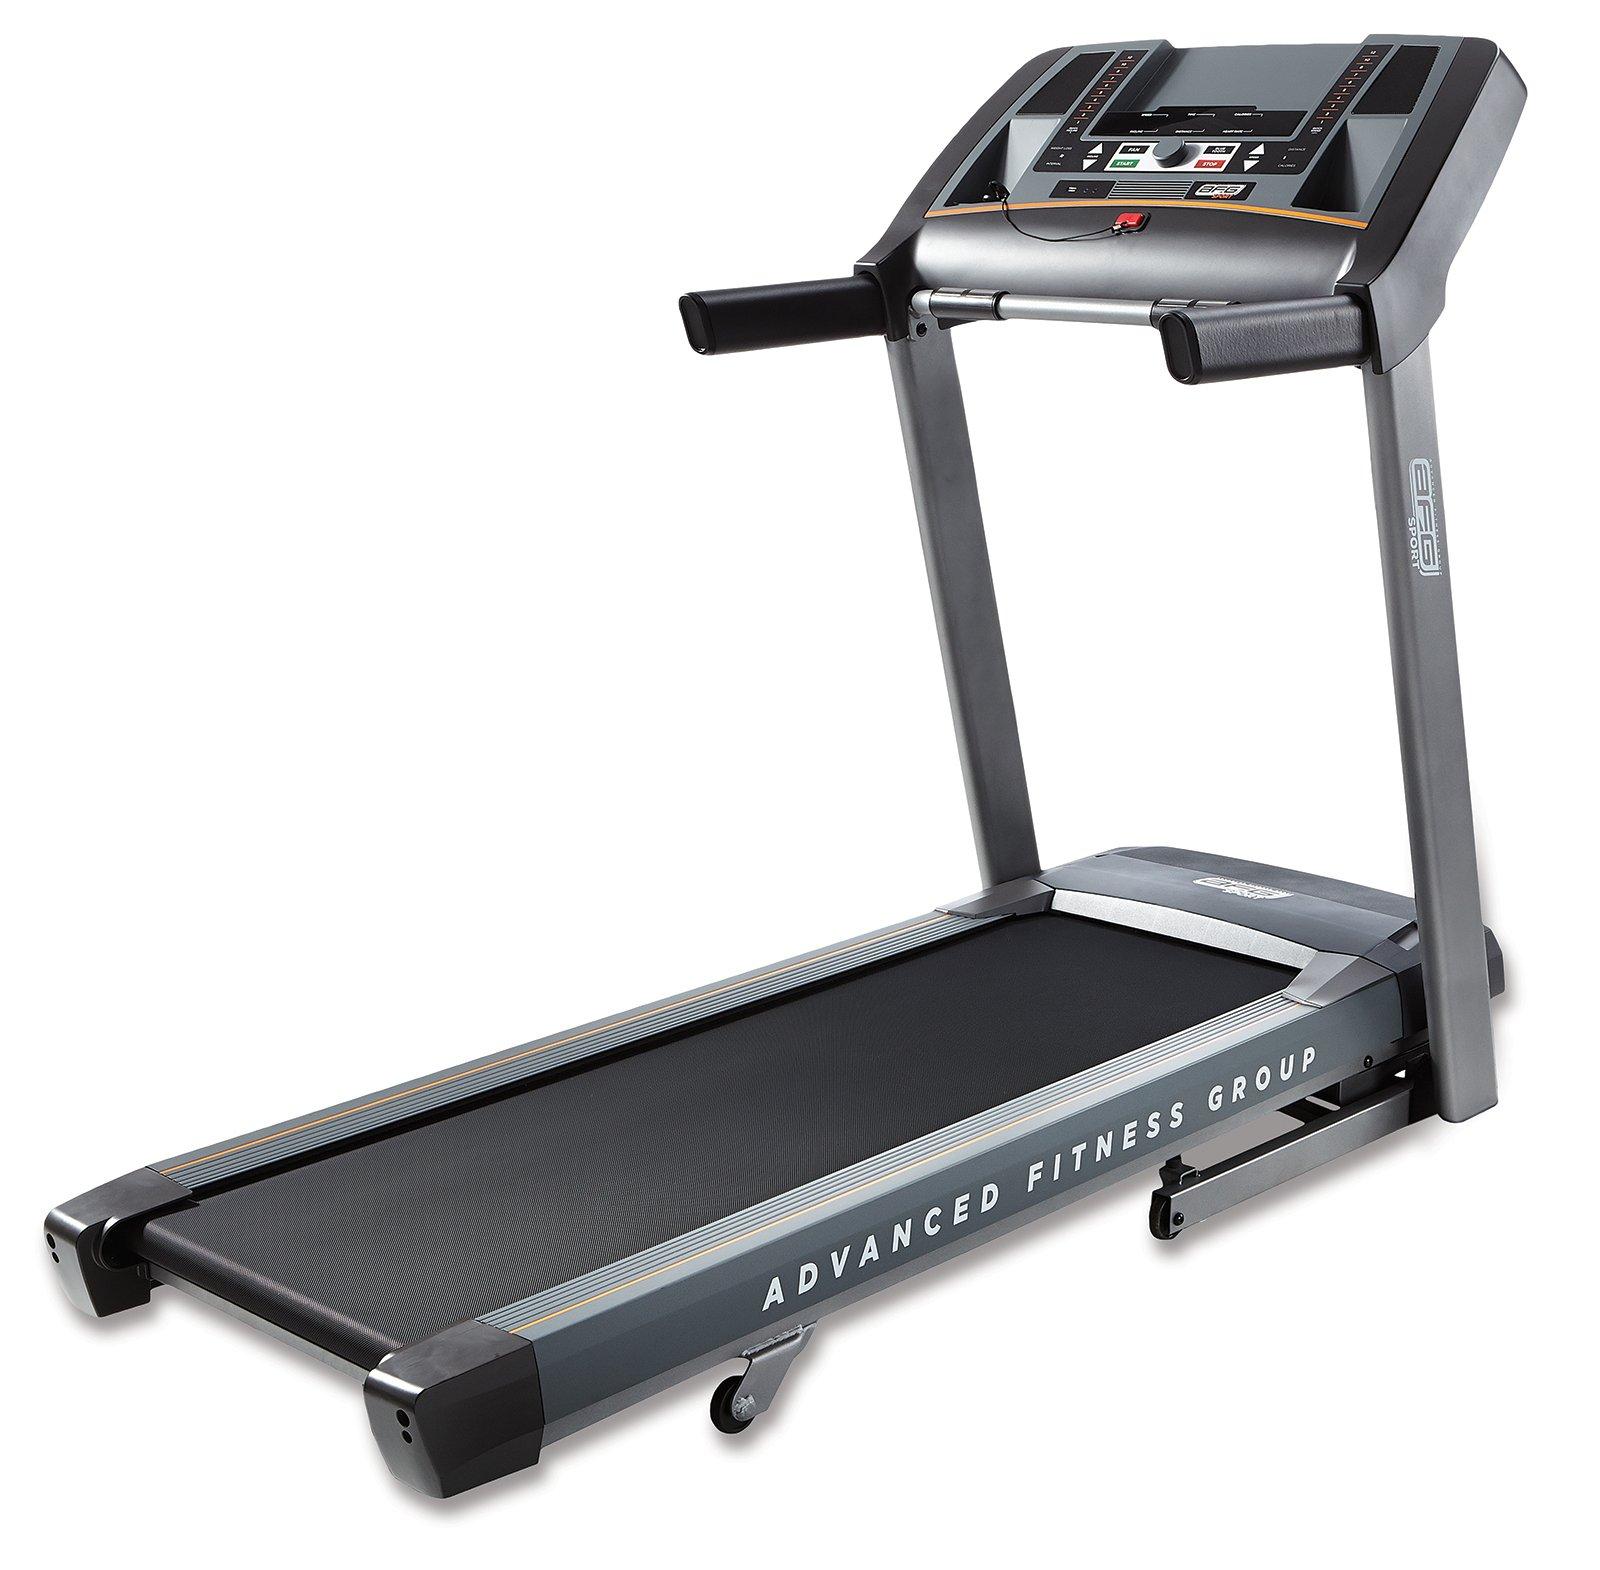 Treadmill 300 Lb Capacity: Amazon.com